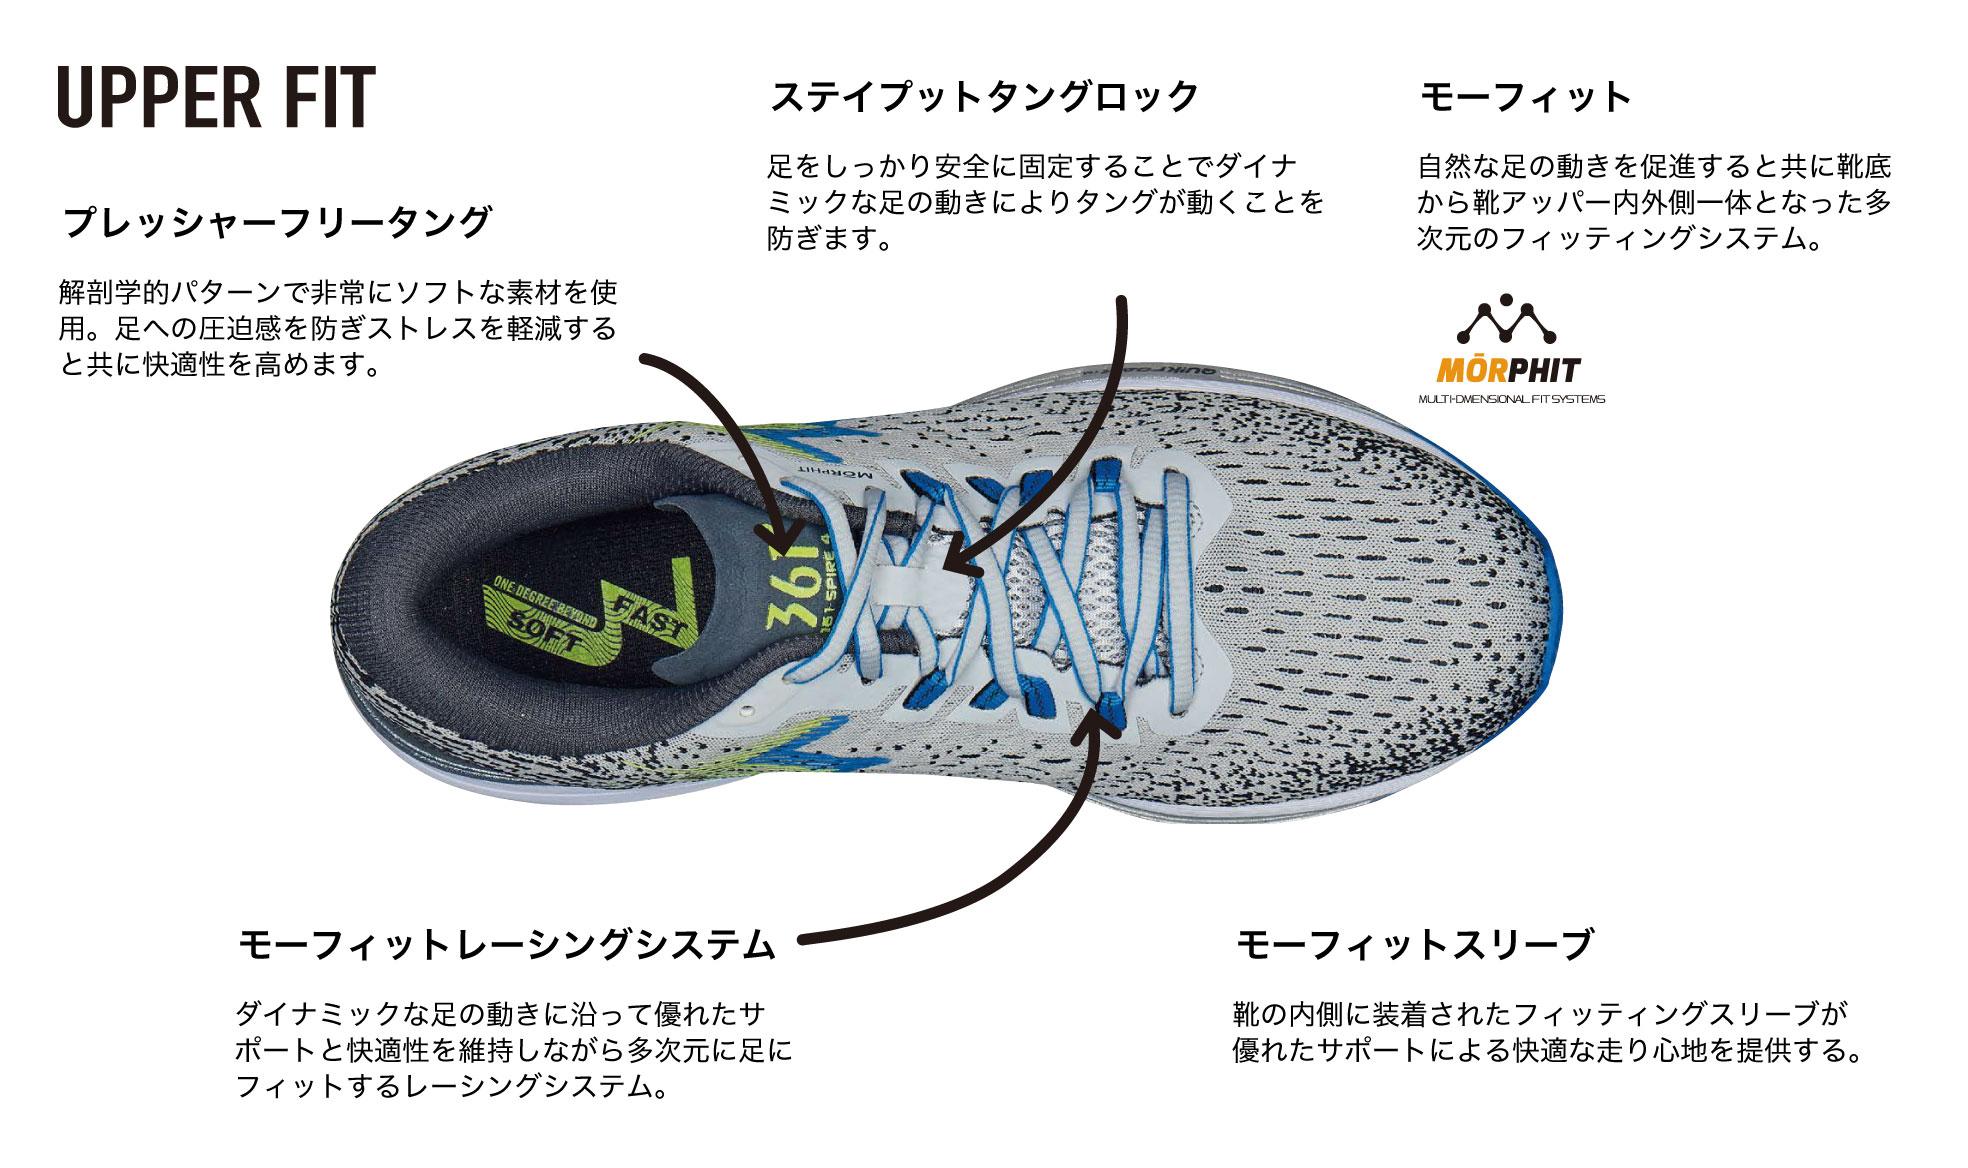 プレッシャーフリータング 解剖学的パターンで非常にソフトな素材を使用。足への圧迫感を防ぎストレスを軽減すると共に快適性を高めます。ステイプットタングロック 足をしっかり安全に固定することでダイナミックな足の動きによりタングが動くことを防ぎます。 モーフィット 自然な足の動きを促進すると共に靴底から靴アッパー内外側一体となった多次元のフィッティングシステム。 モーフィットレーシングシステム ダイナミックな足の動きに沿って優れたサポートと快適性を維持しながら多次元に足にフィットするレーシングシステム。 モーフィットスリーブ 靴の内側に装着されたフィッティングスリーブが優れたサポートによる快適な走り心地を提供する。